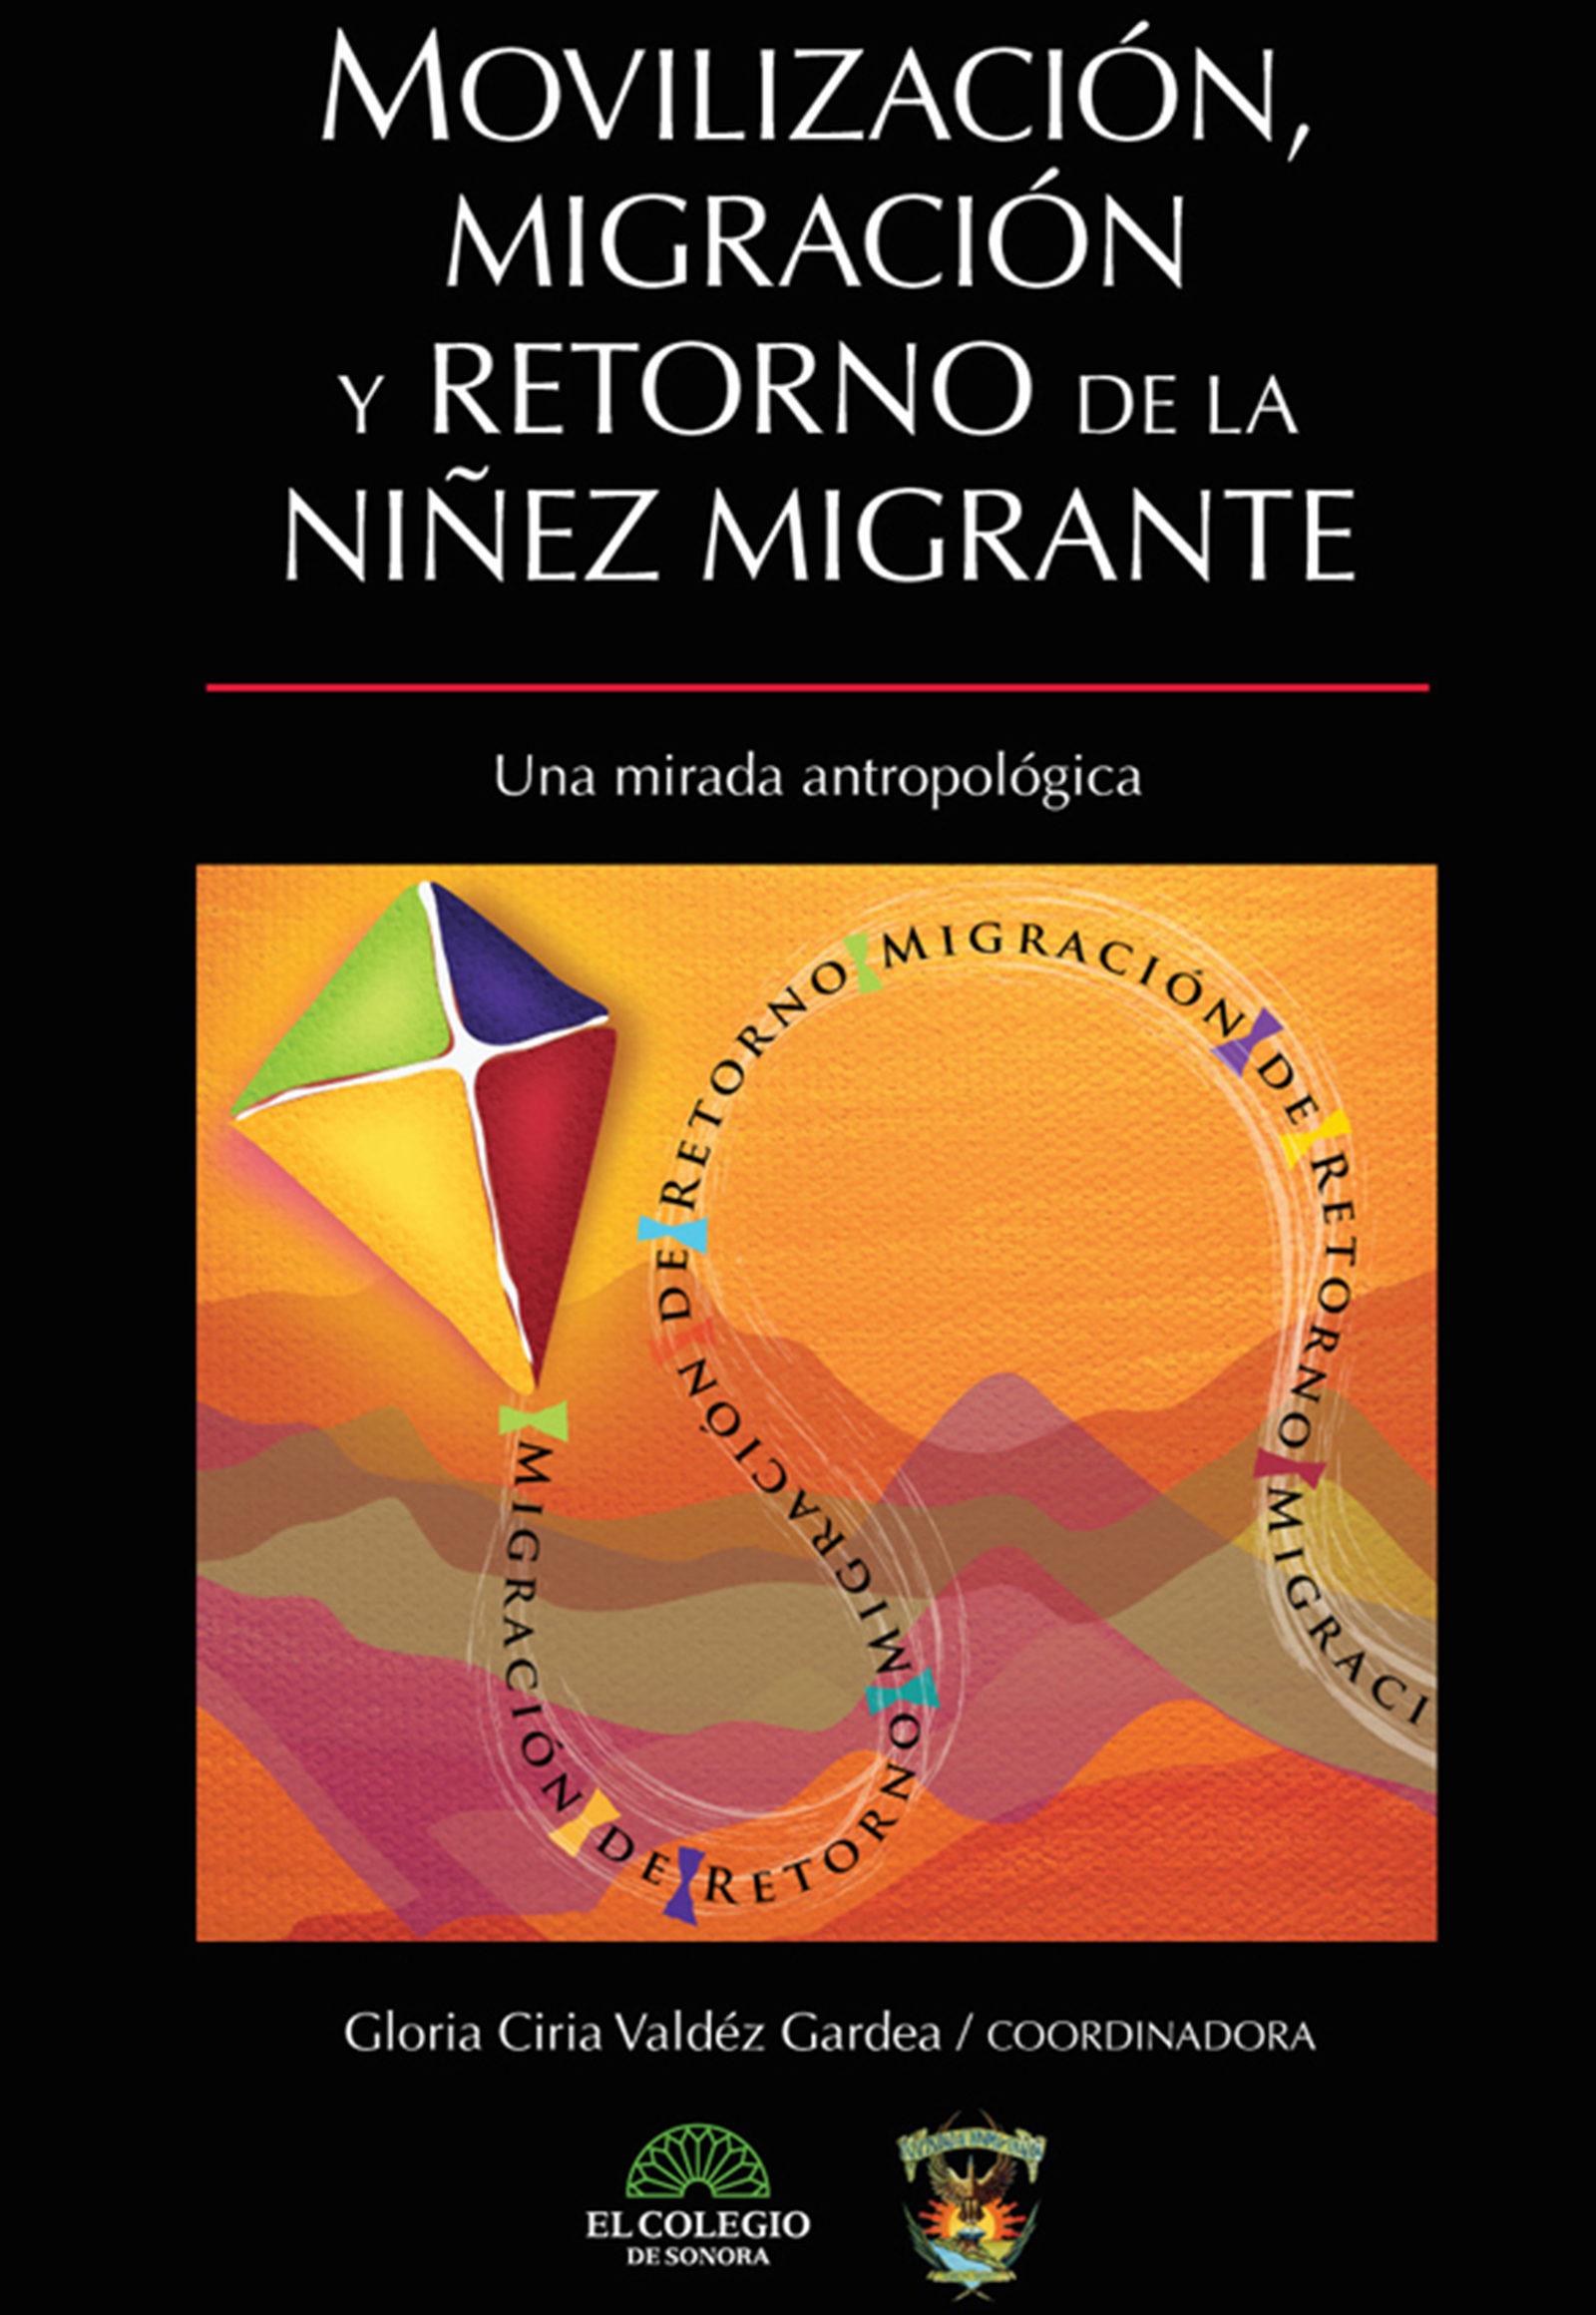 Movilización, migración y retorno de la niñez migr ante. Una mirada antropológica